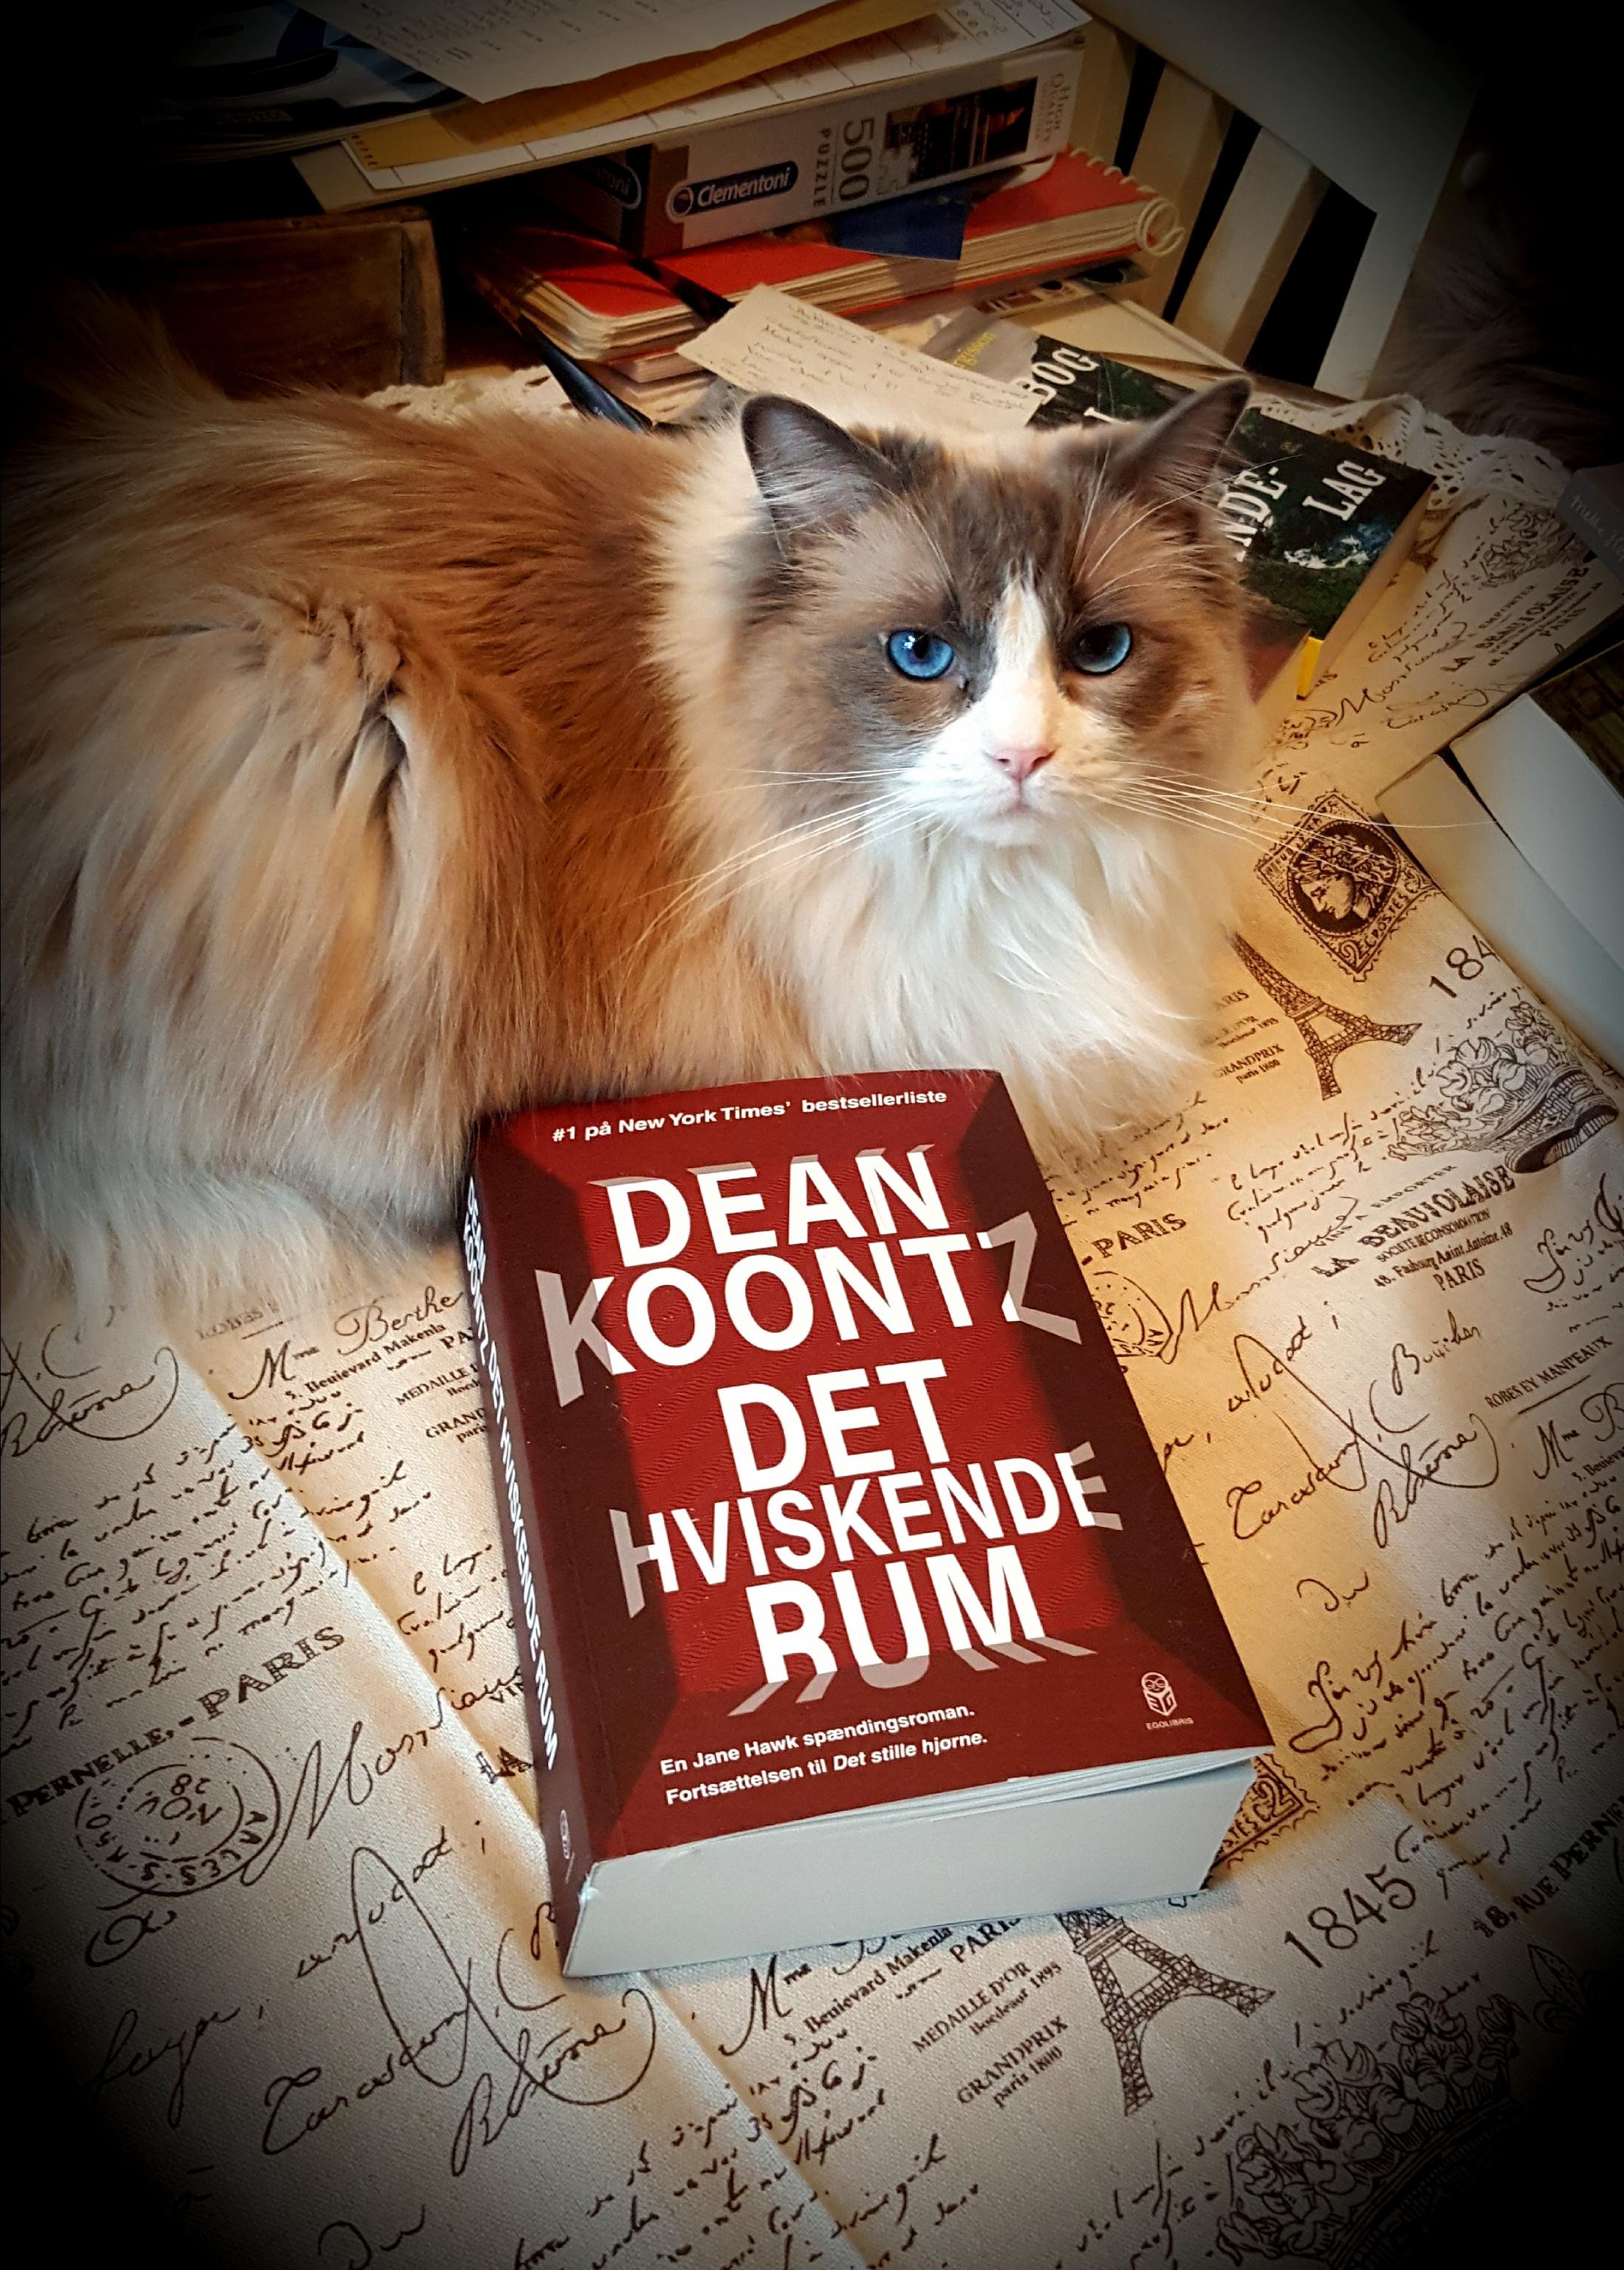 Det hviskende rum af Dean Koontz